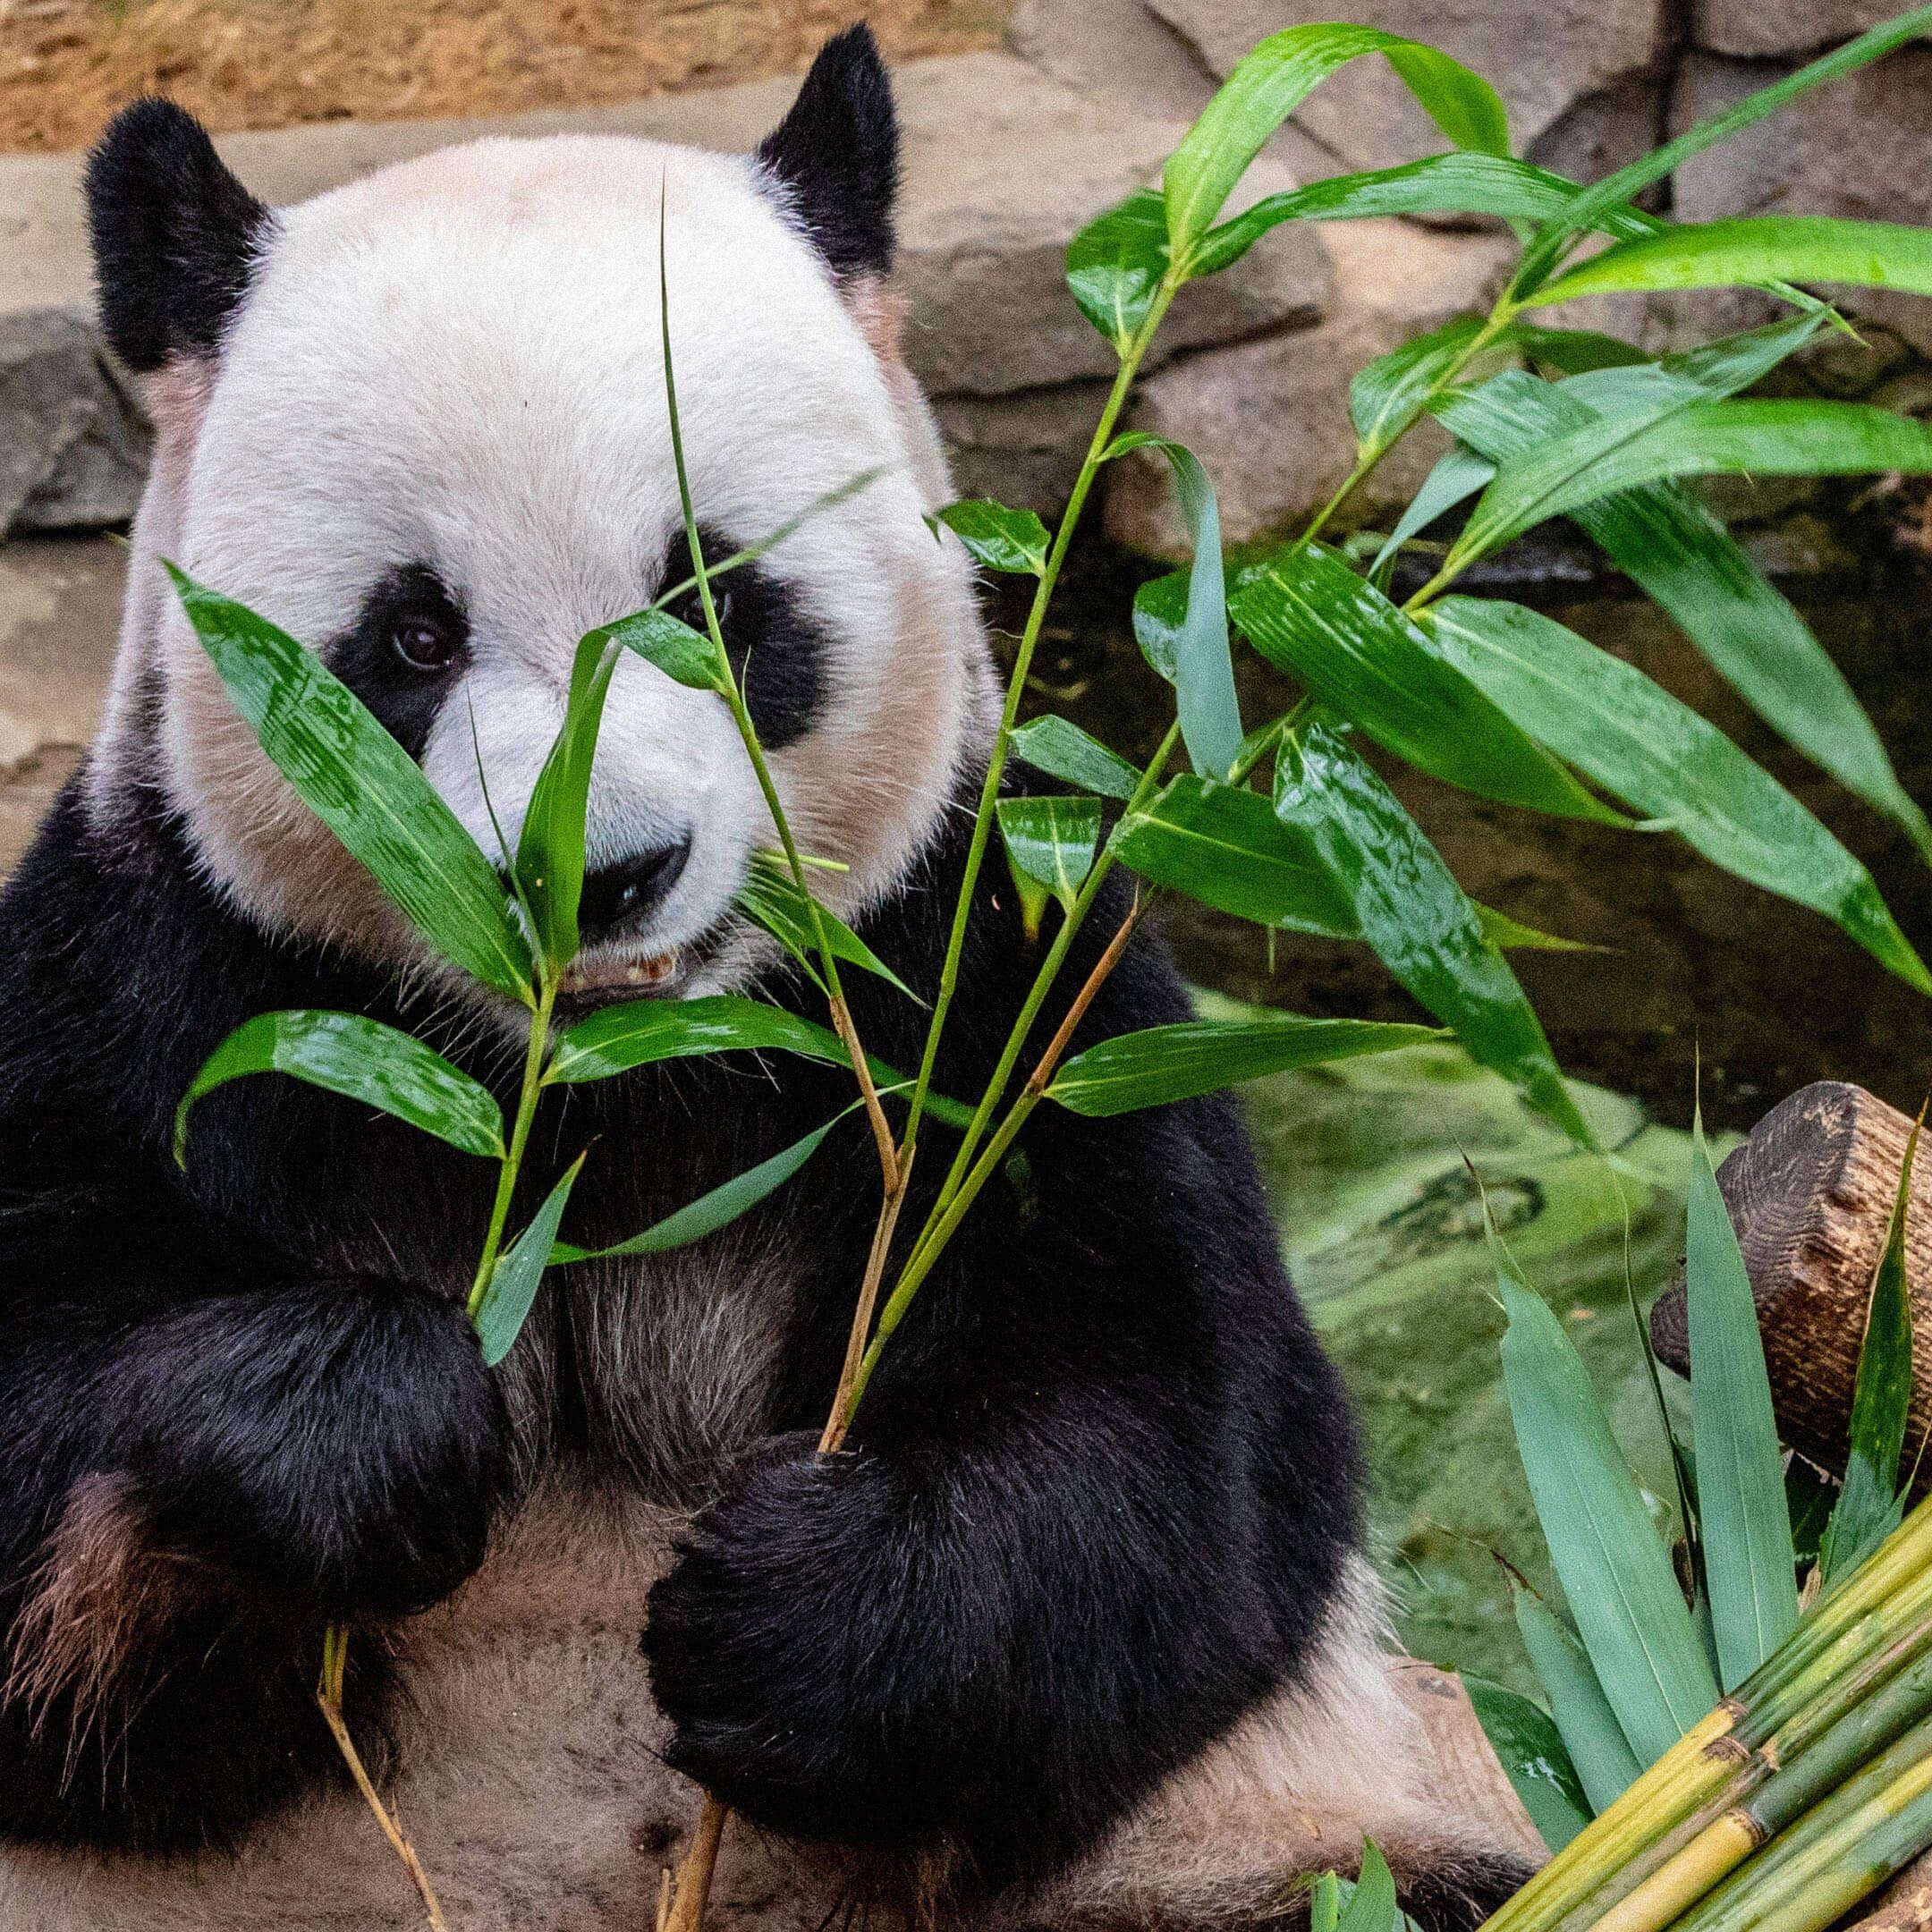 Панда вЮжной Корее. Фото: Michael Payne / unsplash.com